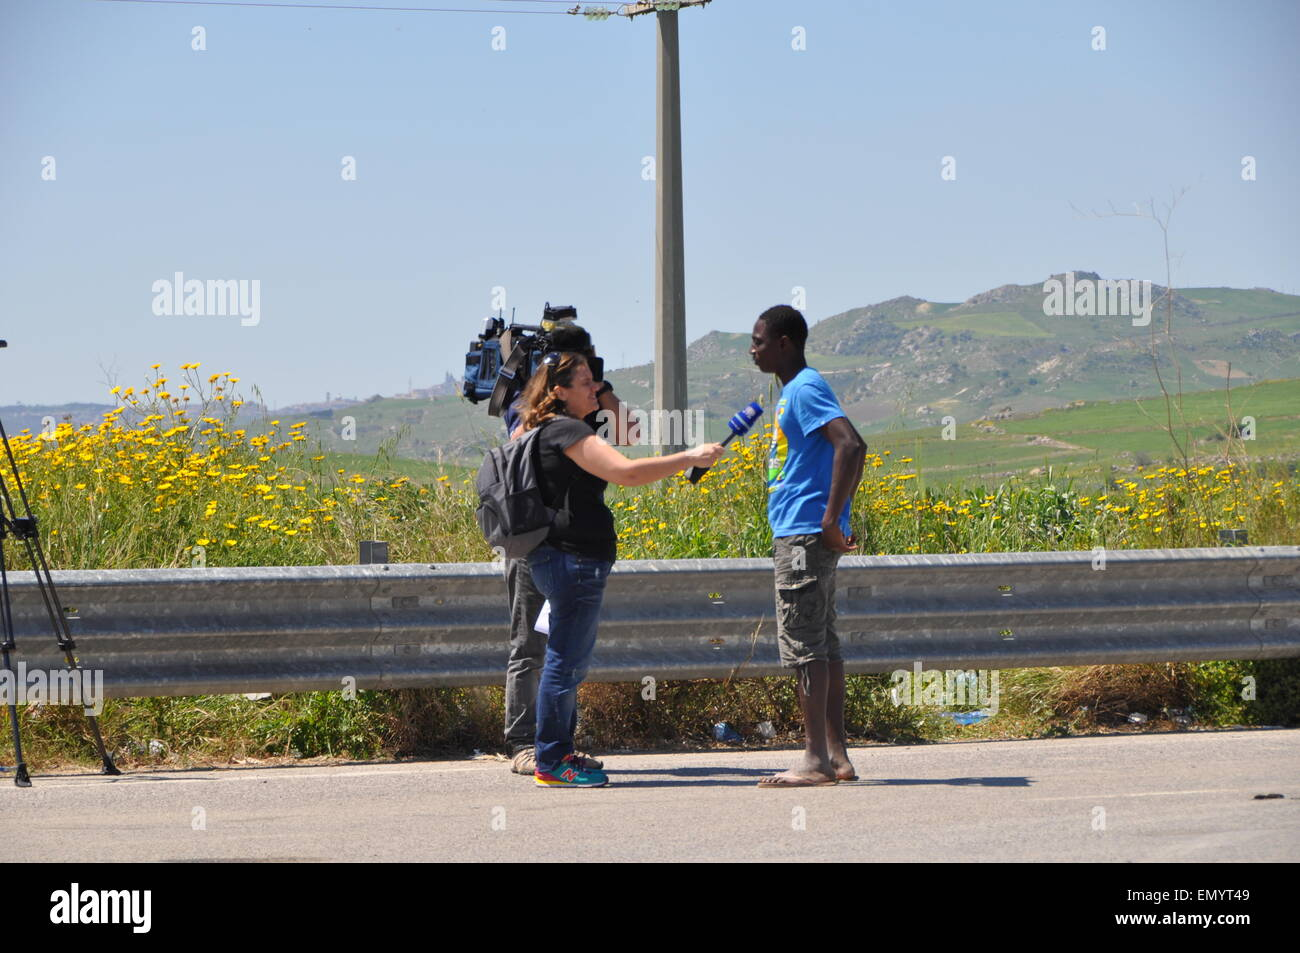 Los periodistas entrevistaron a un migrante en frente del centro de detención de Mineo, en Sicilia, Italia, Martes, 22 de abril de 2015. Aunque los migrantes pueden ir y venir como lo deseen, sin los documentos adecuados, es inútil tratar de escapar. Según el Director del Centro, actualmente hay más de 3.200 migrantes, en su mayoría subsaharianos que están gastando años aquí esperando el asilo político. También hay más de 200 grupos étnicos en el centro. (CTK Foto/Tereza Supova) Foto de stock